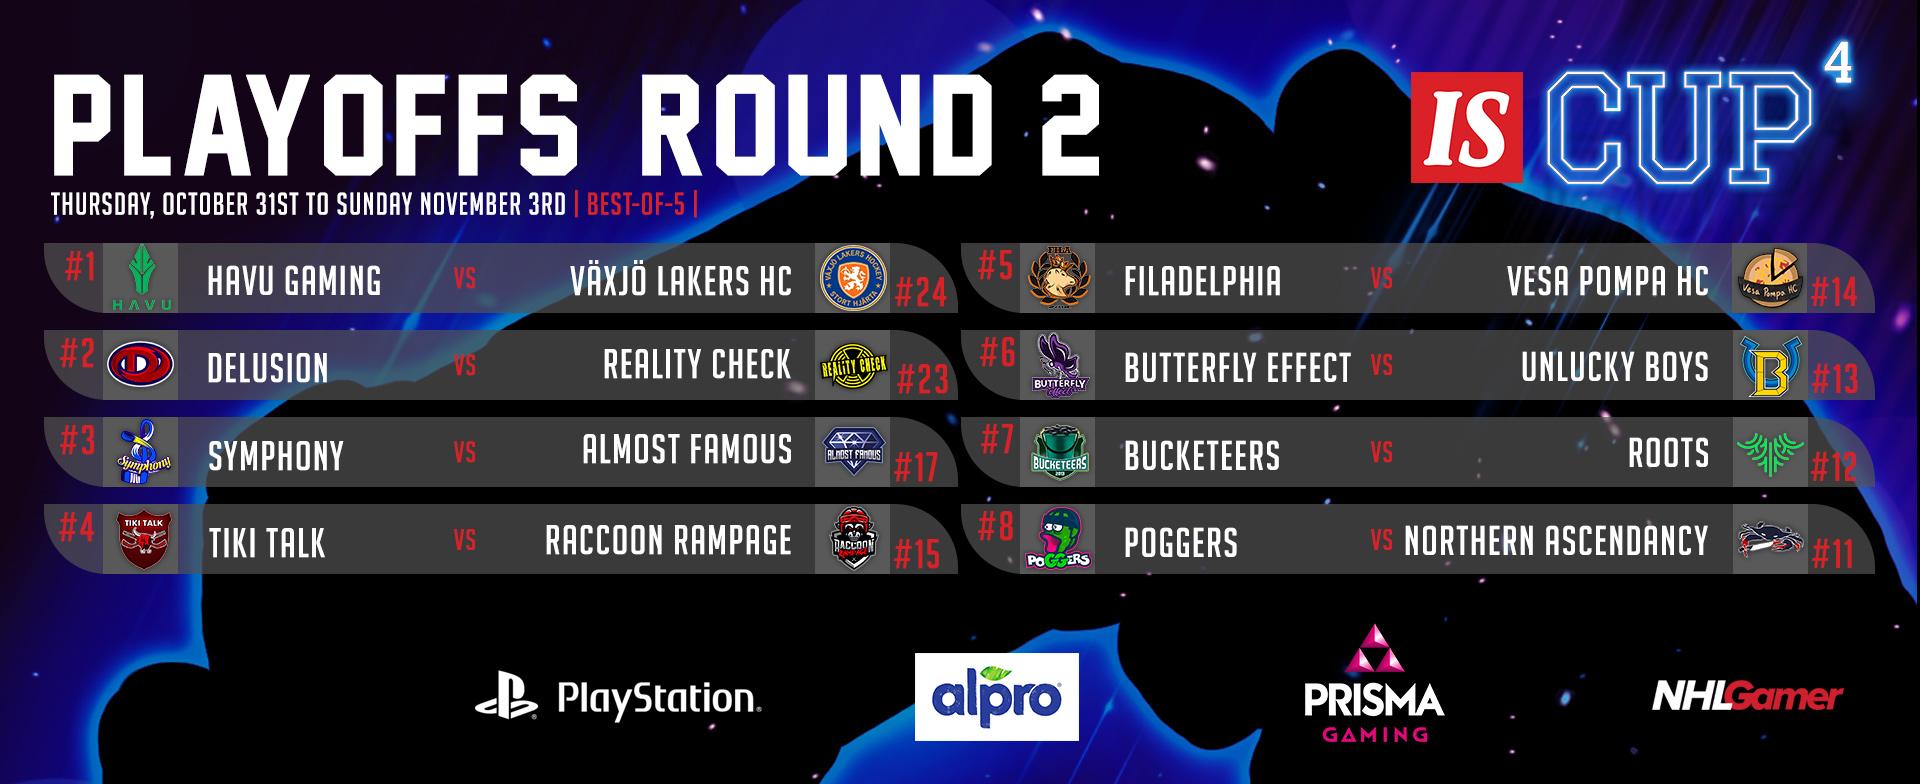 ISCup4_Playoffs_Round2_pairs.jpg